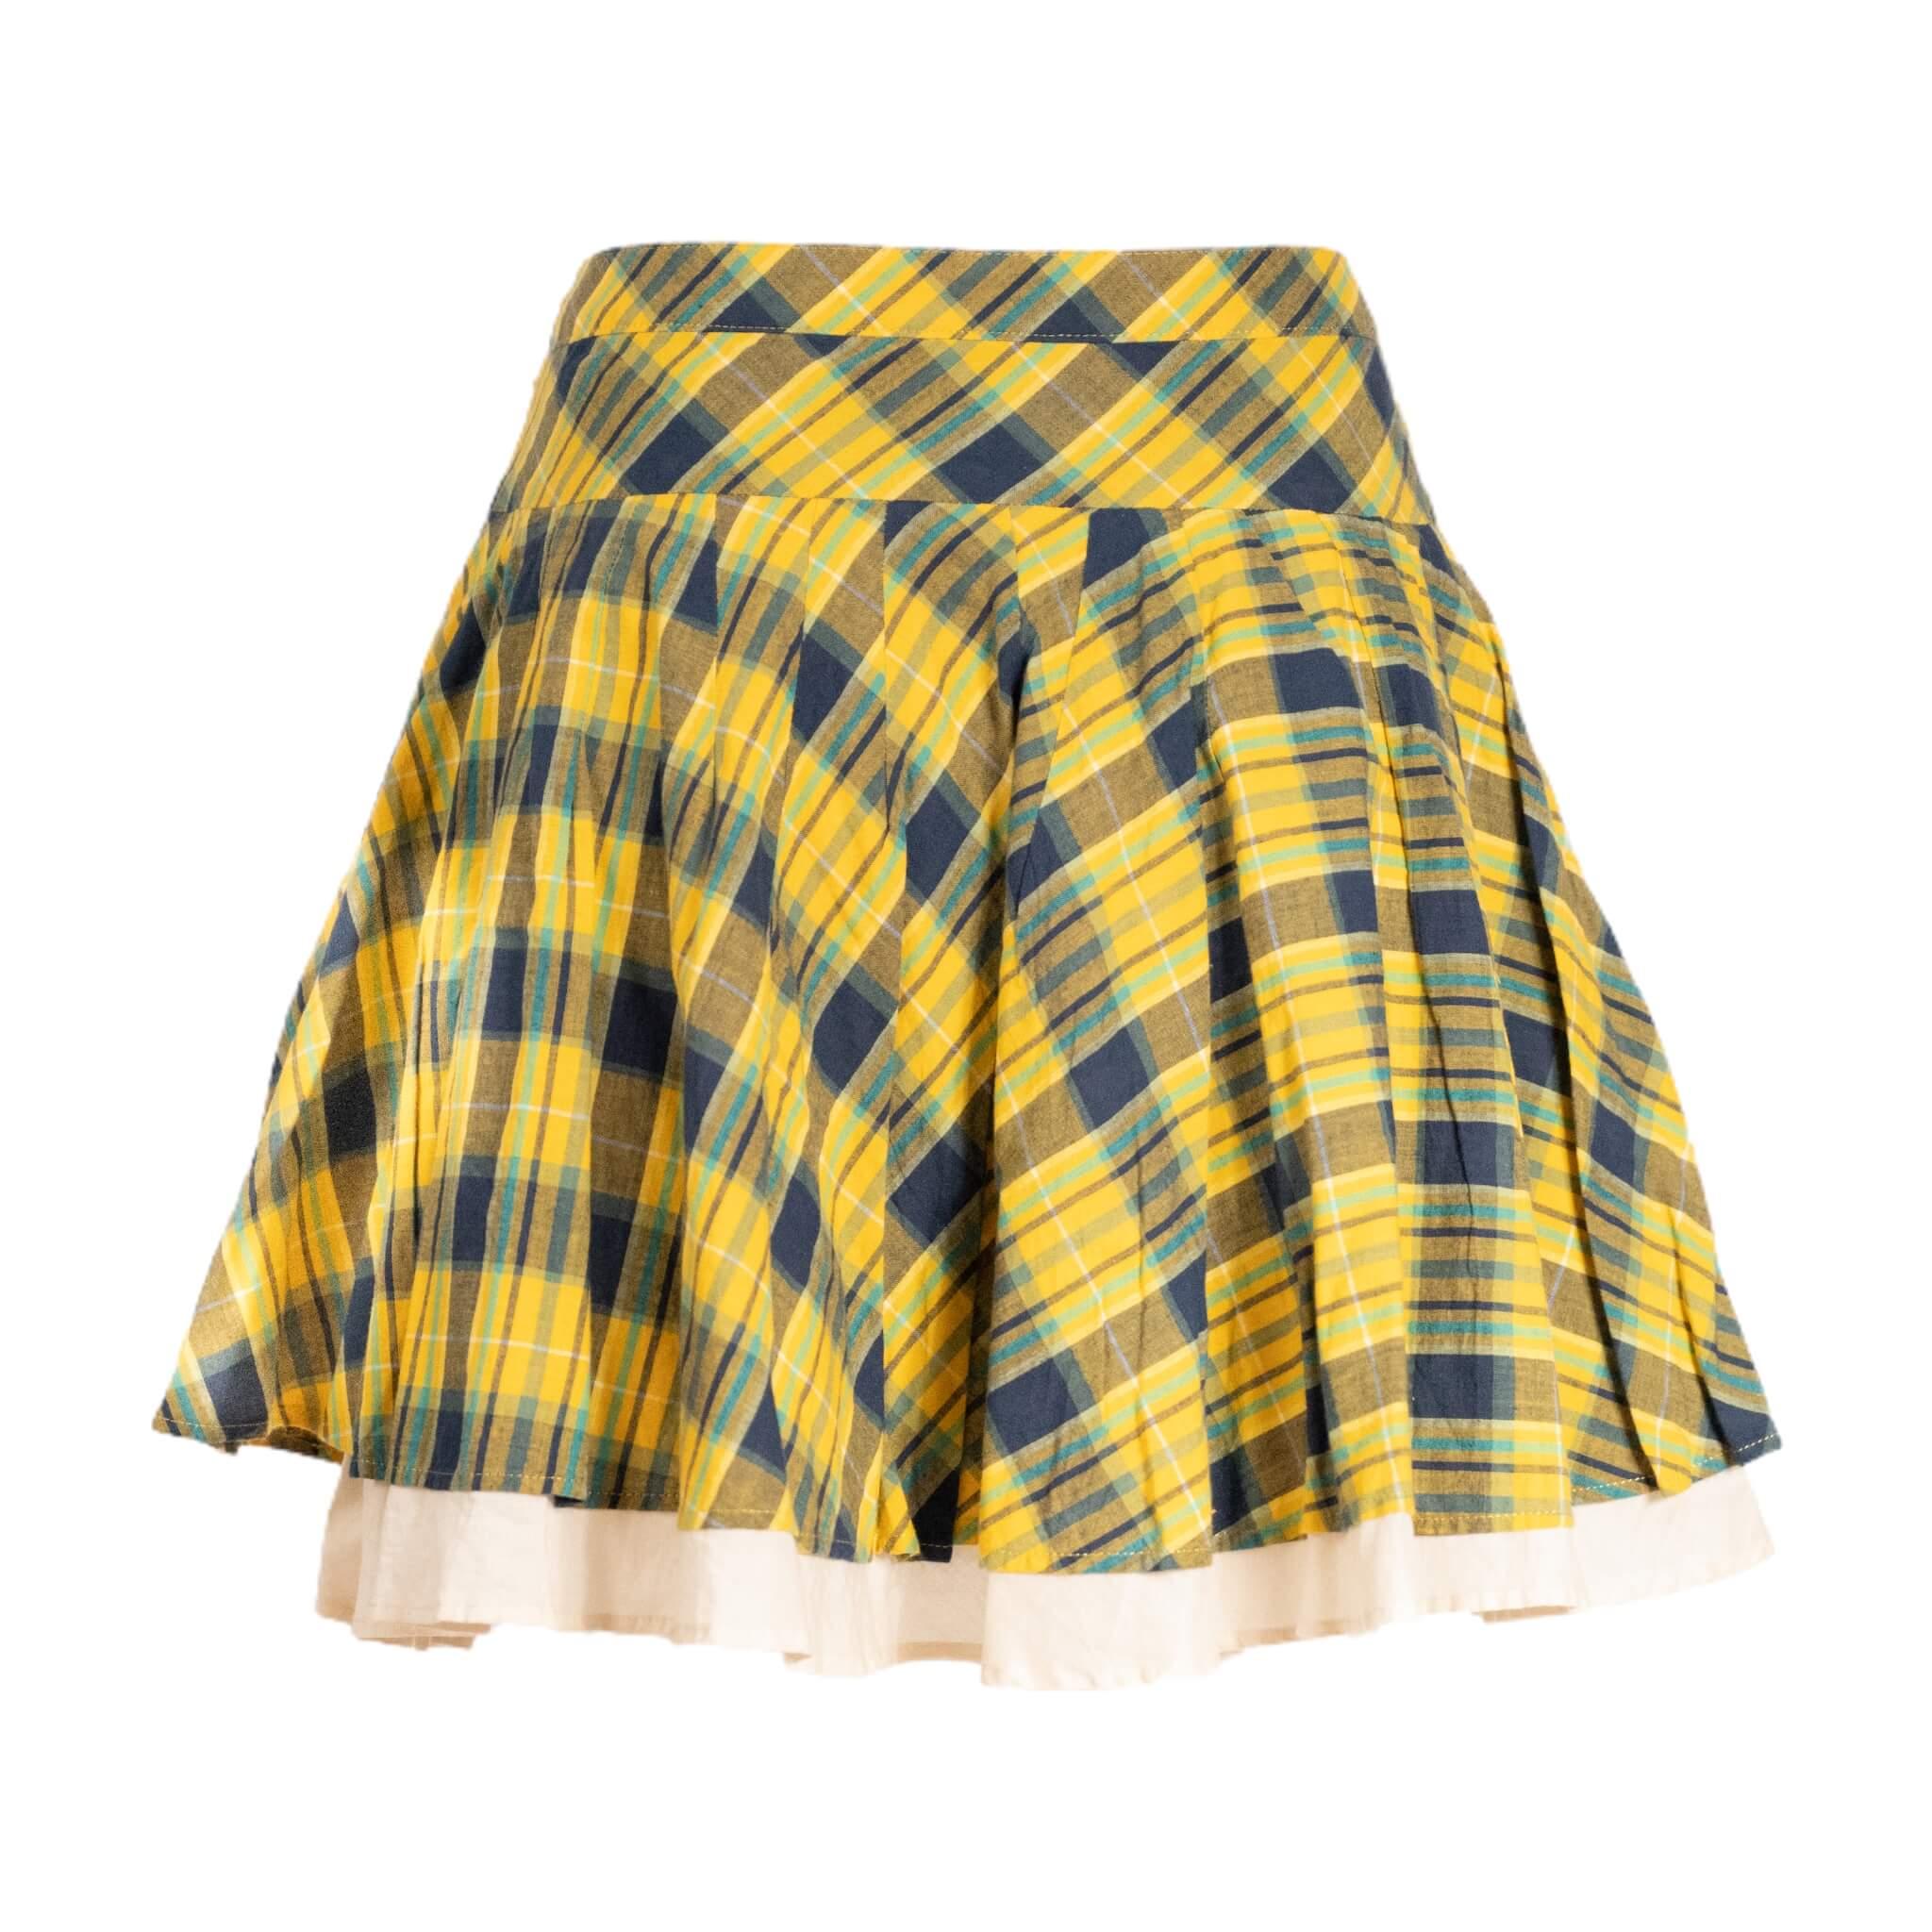 Vivienne Westwood Plaid Attitude Skirt